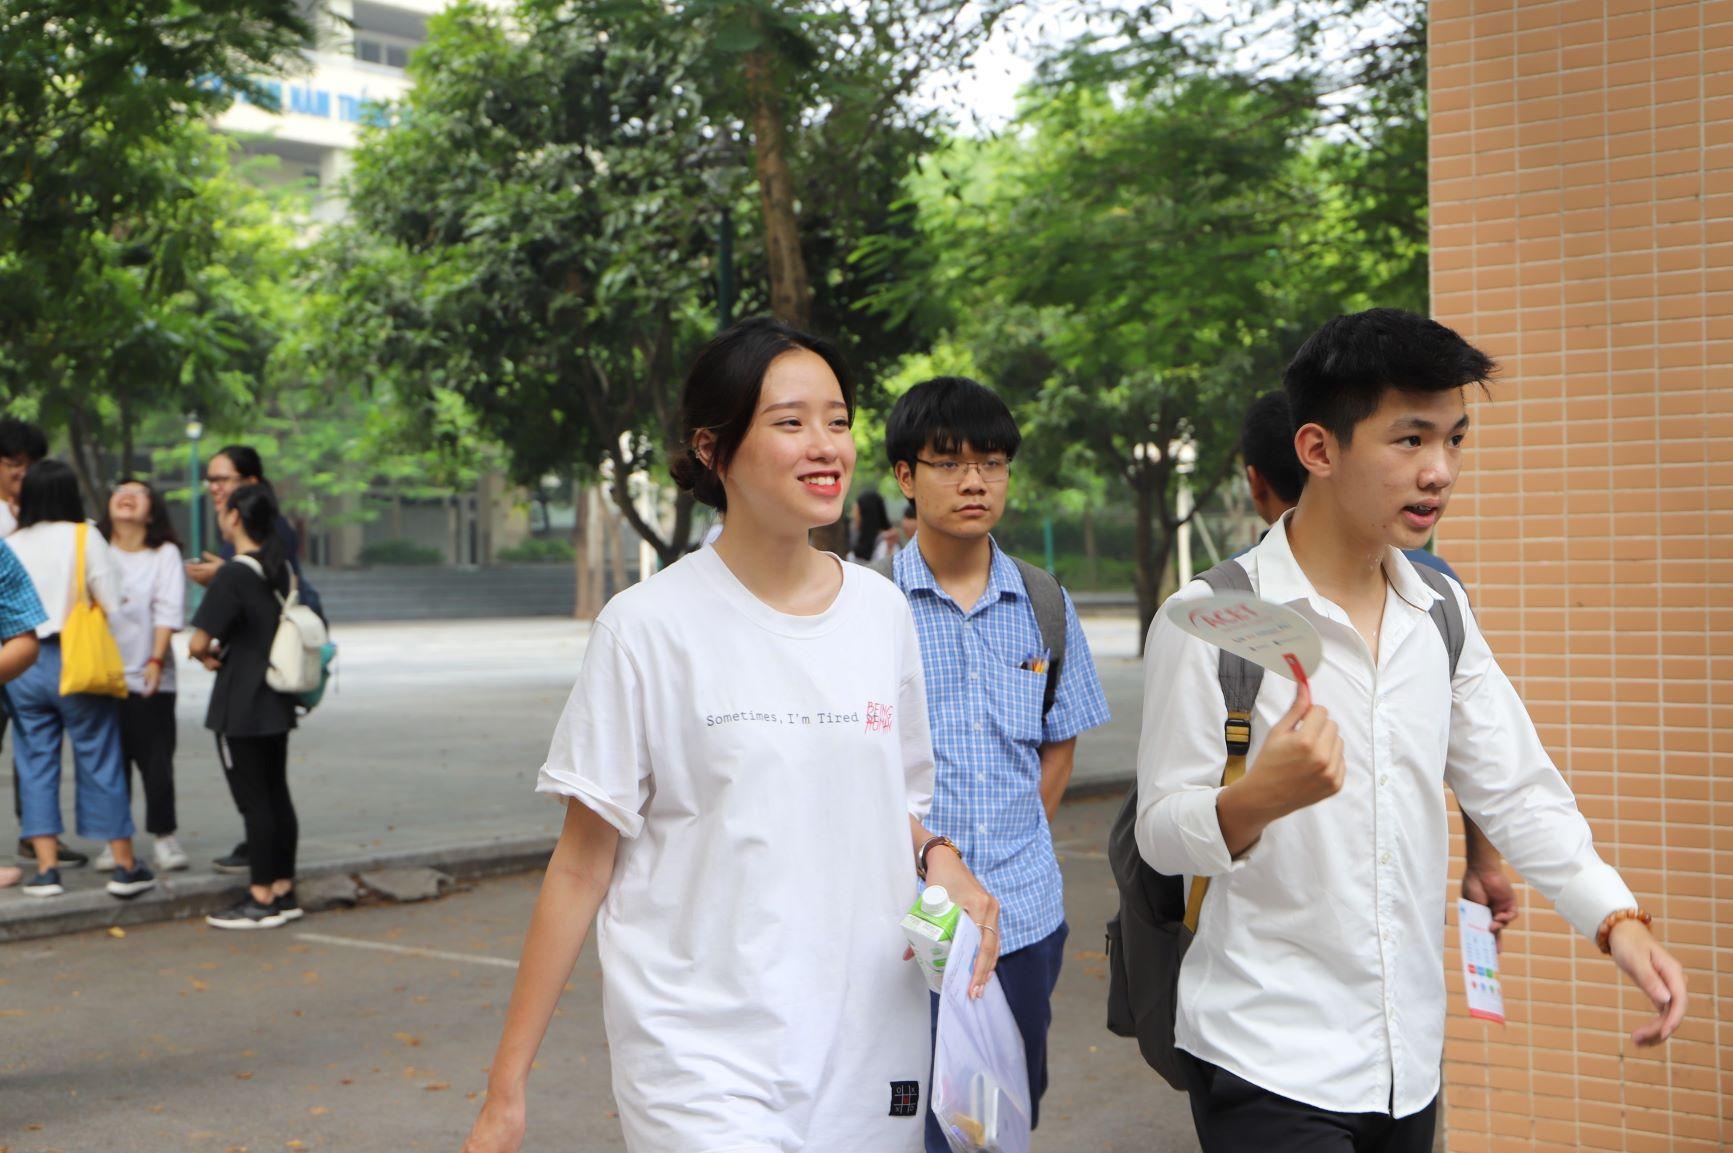 Học sinh thong dong đi ra khỏi cổng trường, dư âm của một buổi thi như ý vẫn đọng lại qua nụ cười nhẹ nhõm của một nữ sinh cùng bạn mình